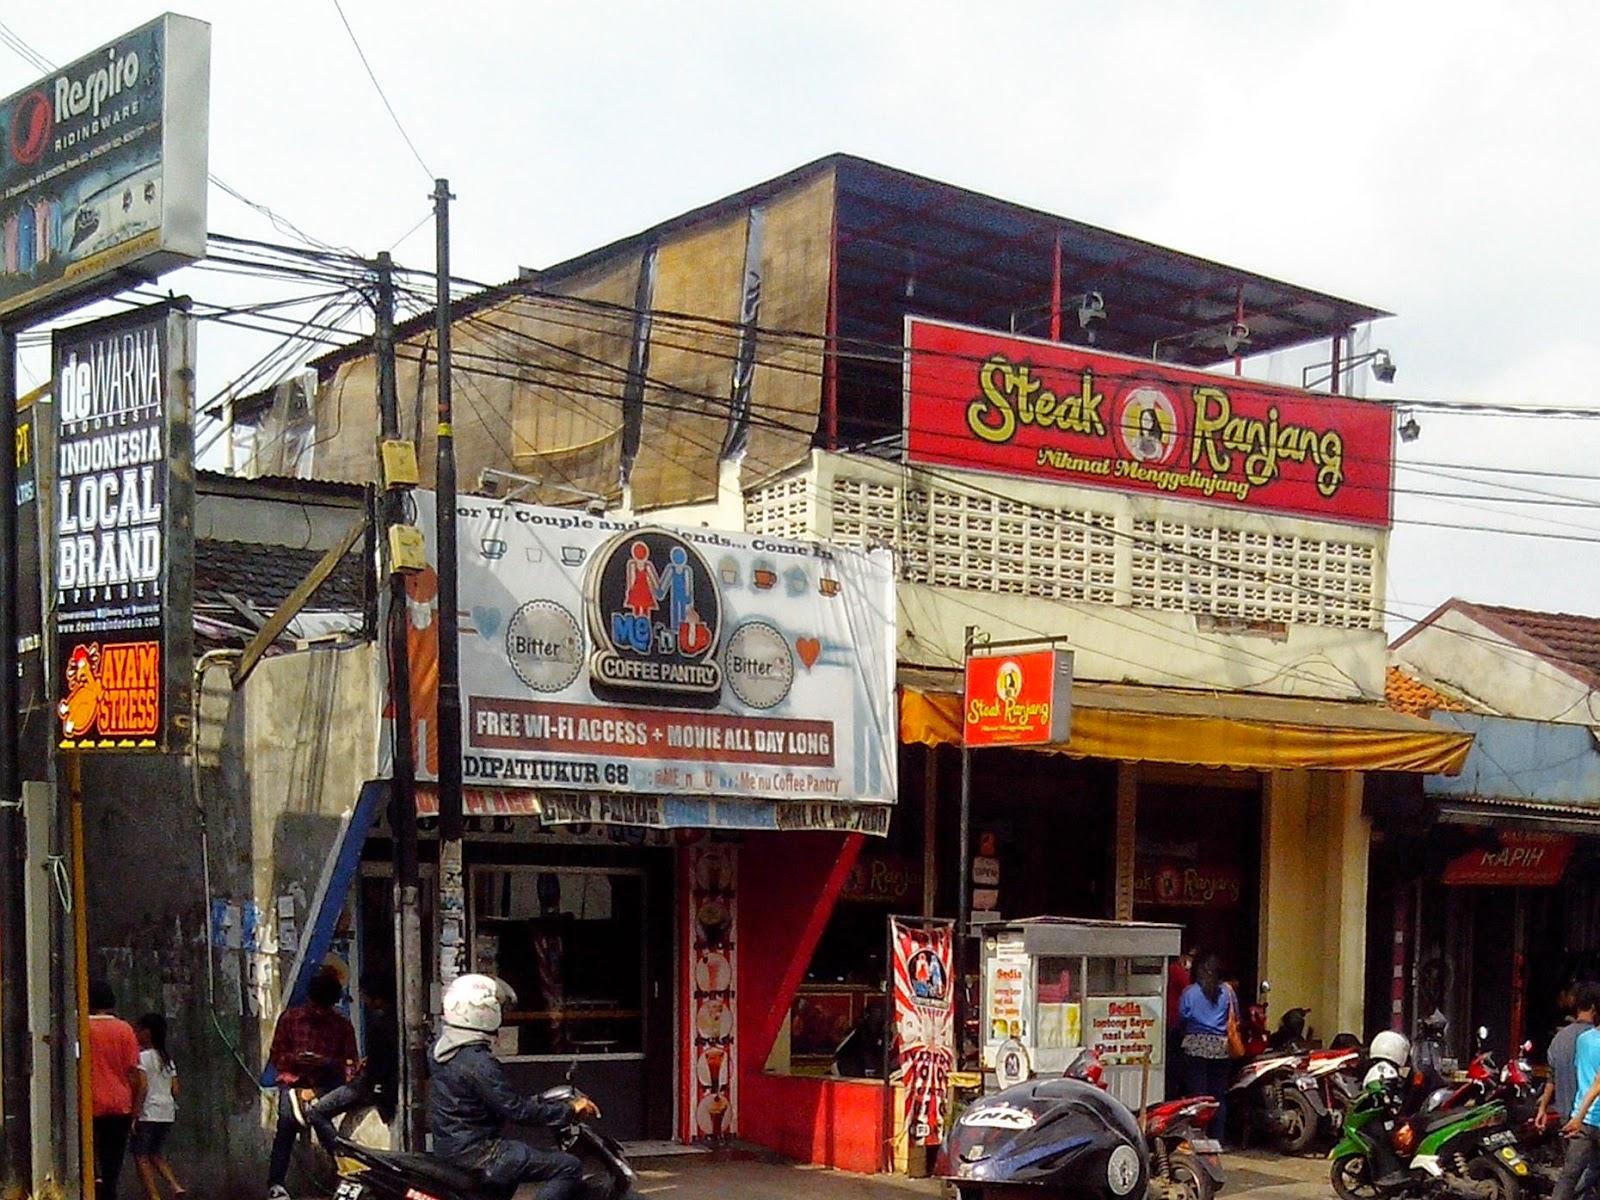 Peluang Bisnis Di Bandung Terbaru Tips Bisnis Steak Ranjang Bandung